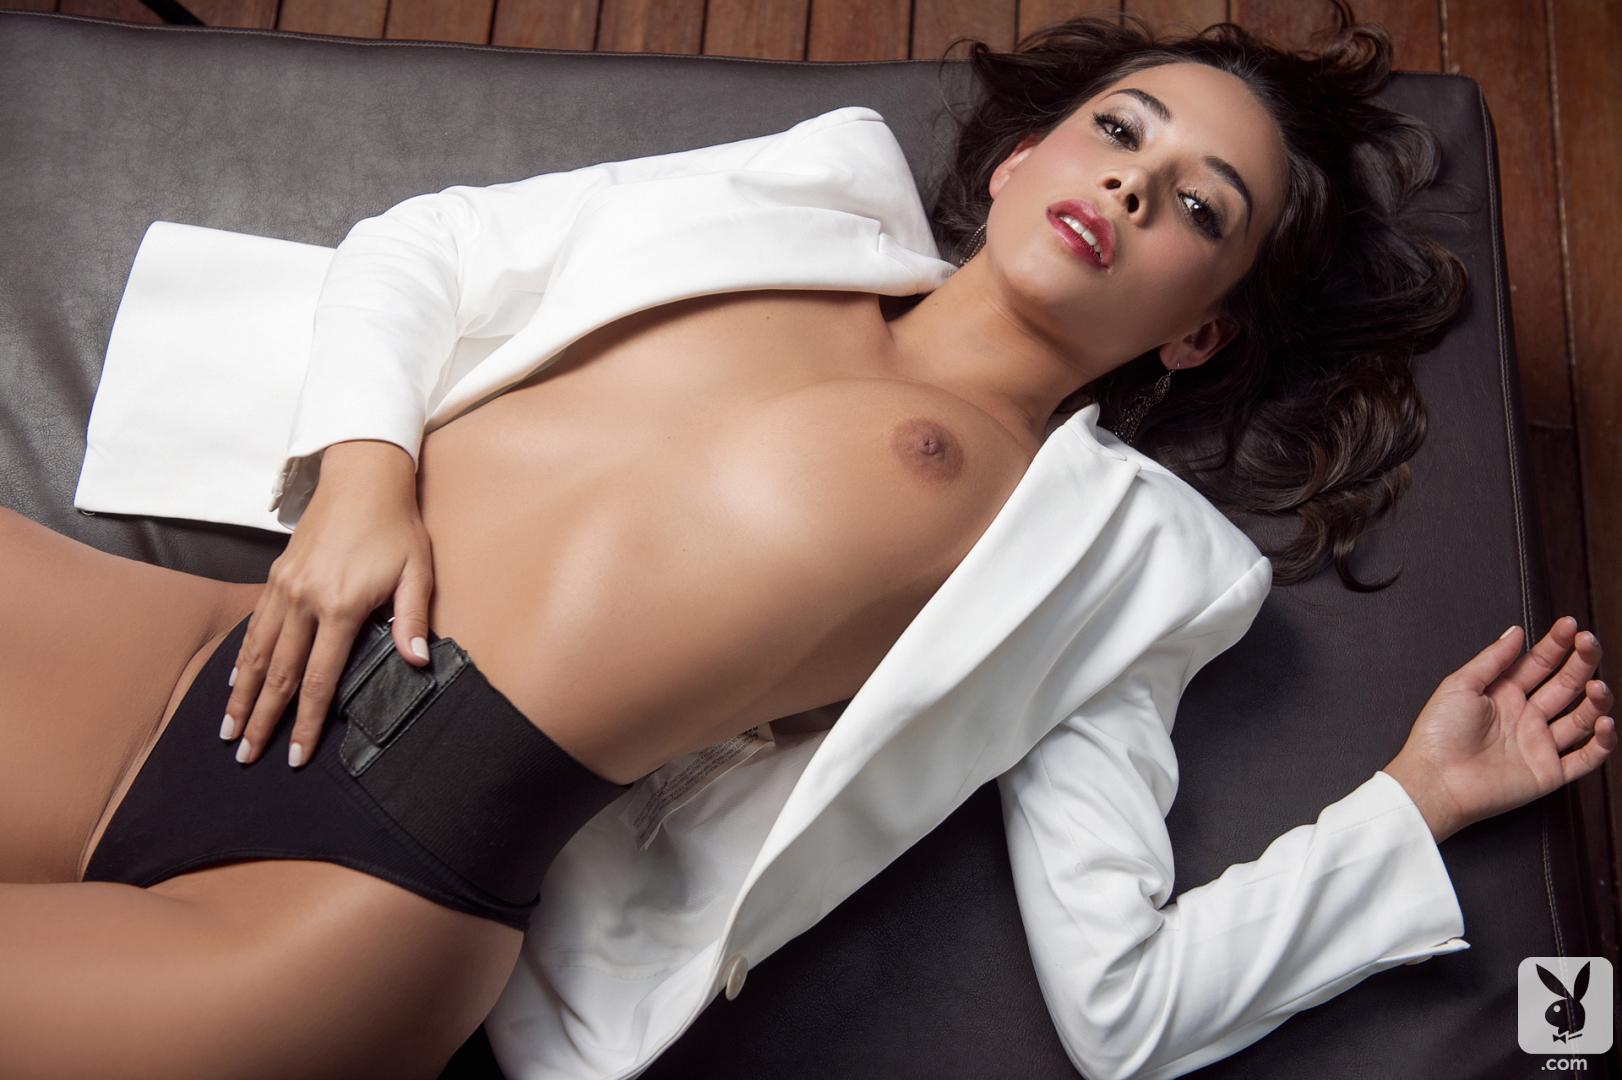 La reina ebony porn star